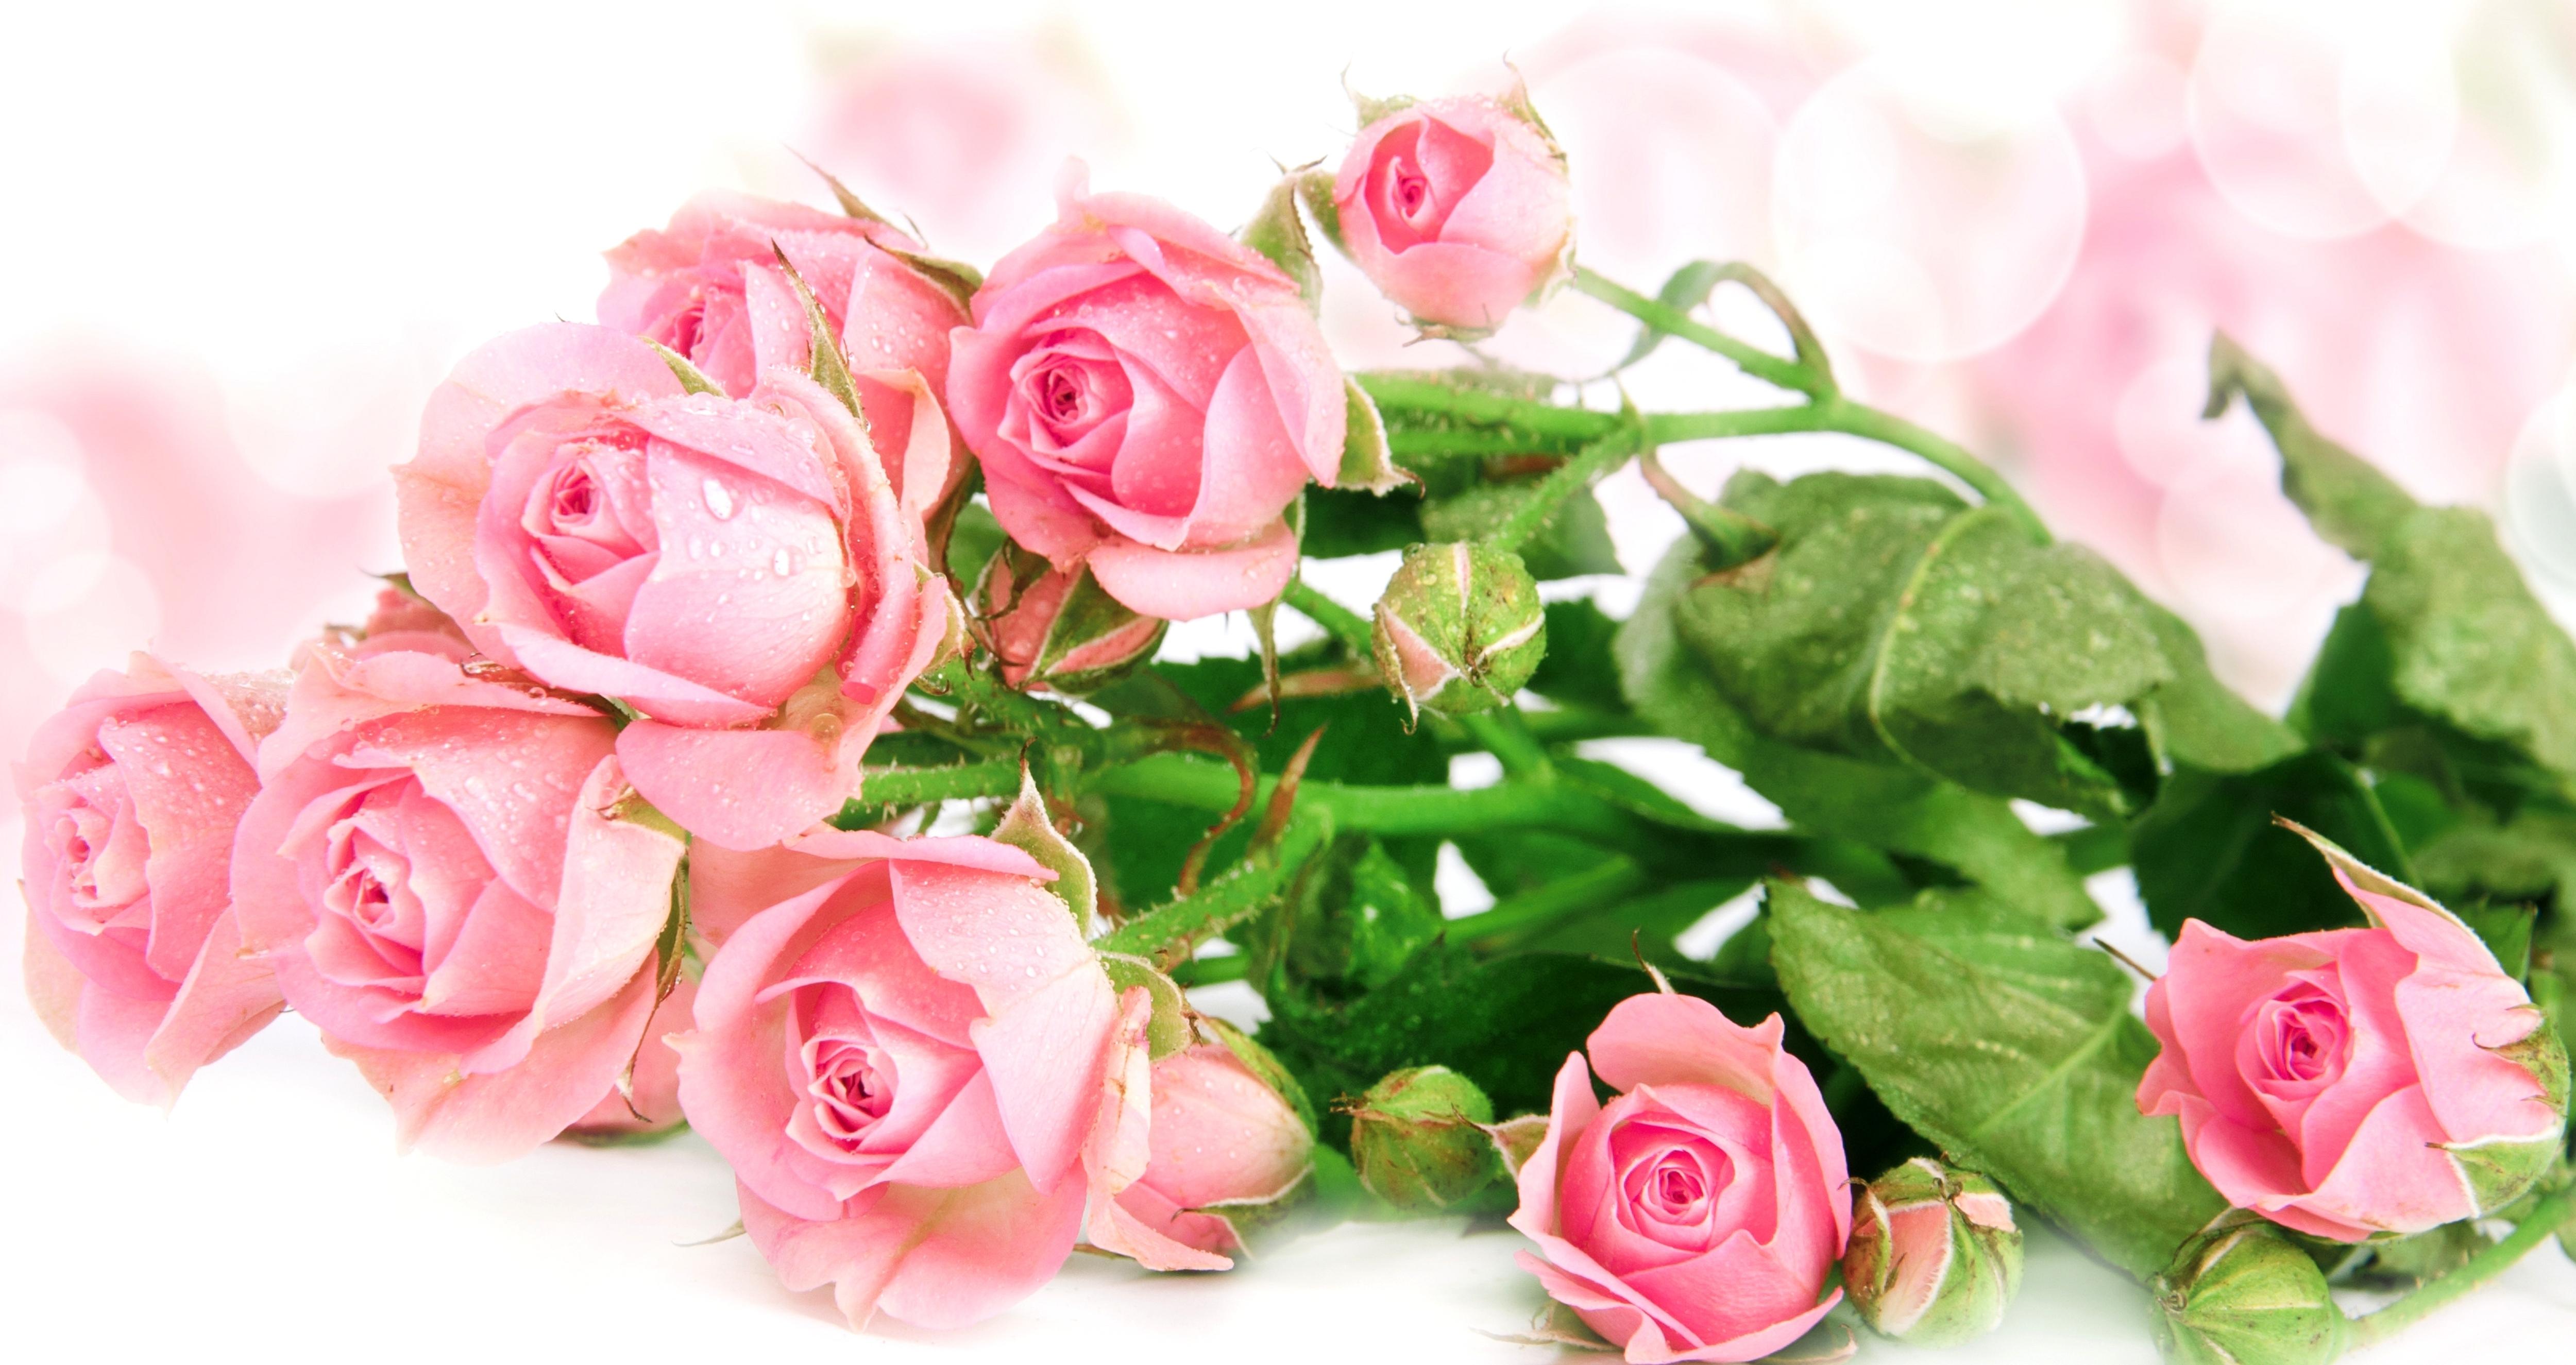 розовые розы обои на рабочий стол в высоком качестве № 130092  скачать